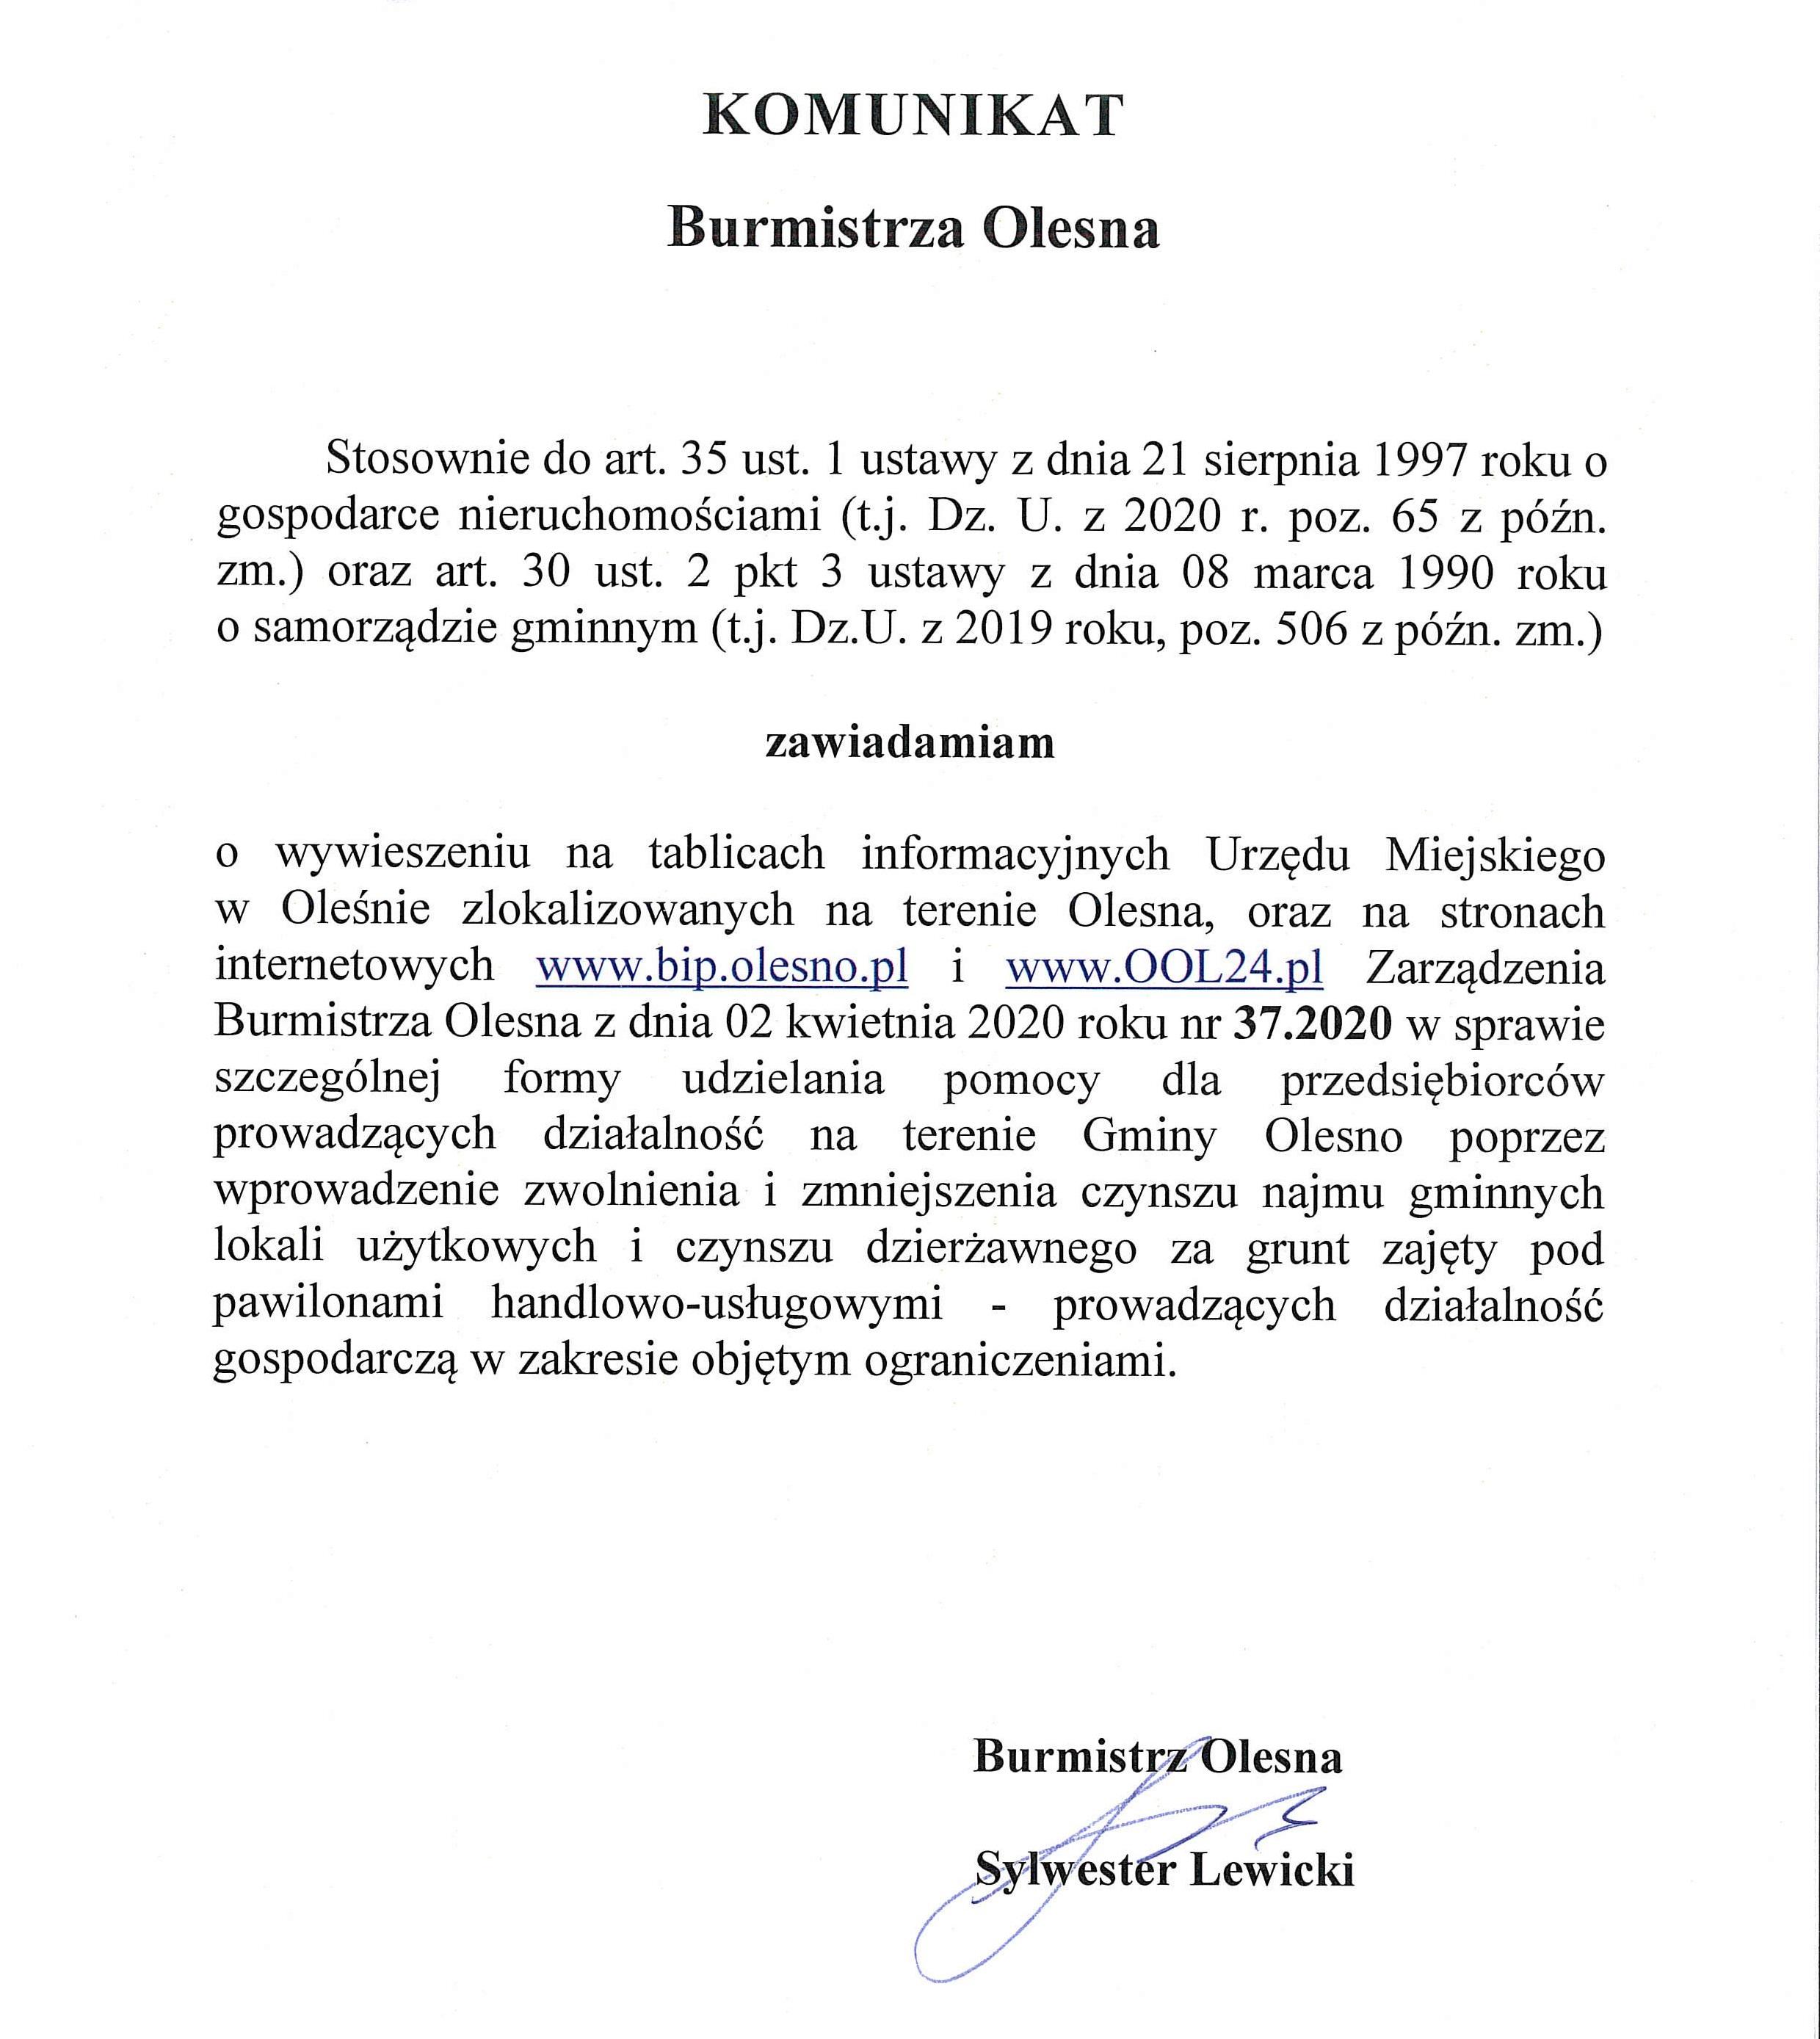 komunikat_publikacja_na_ool24-pl